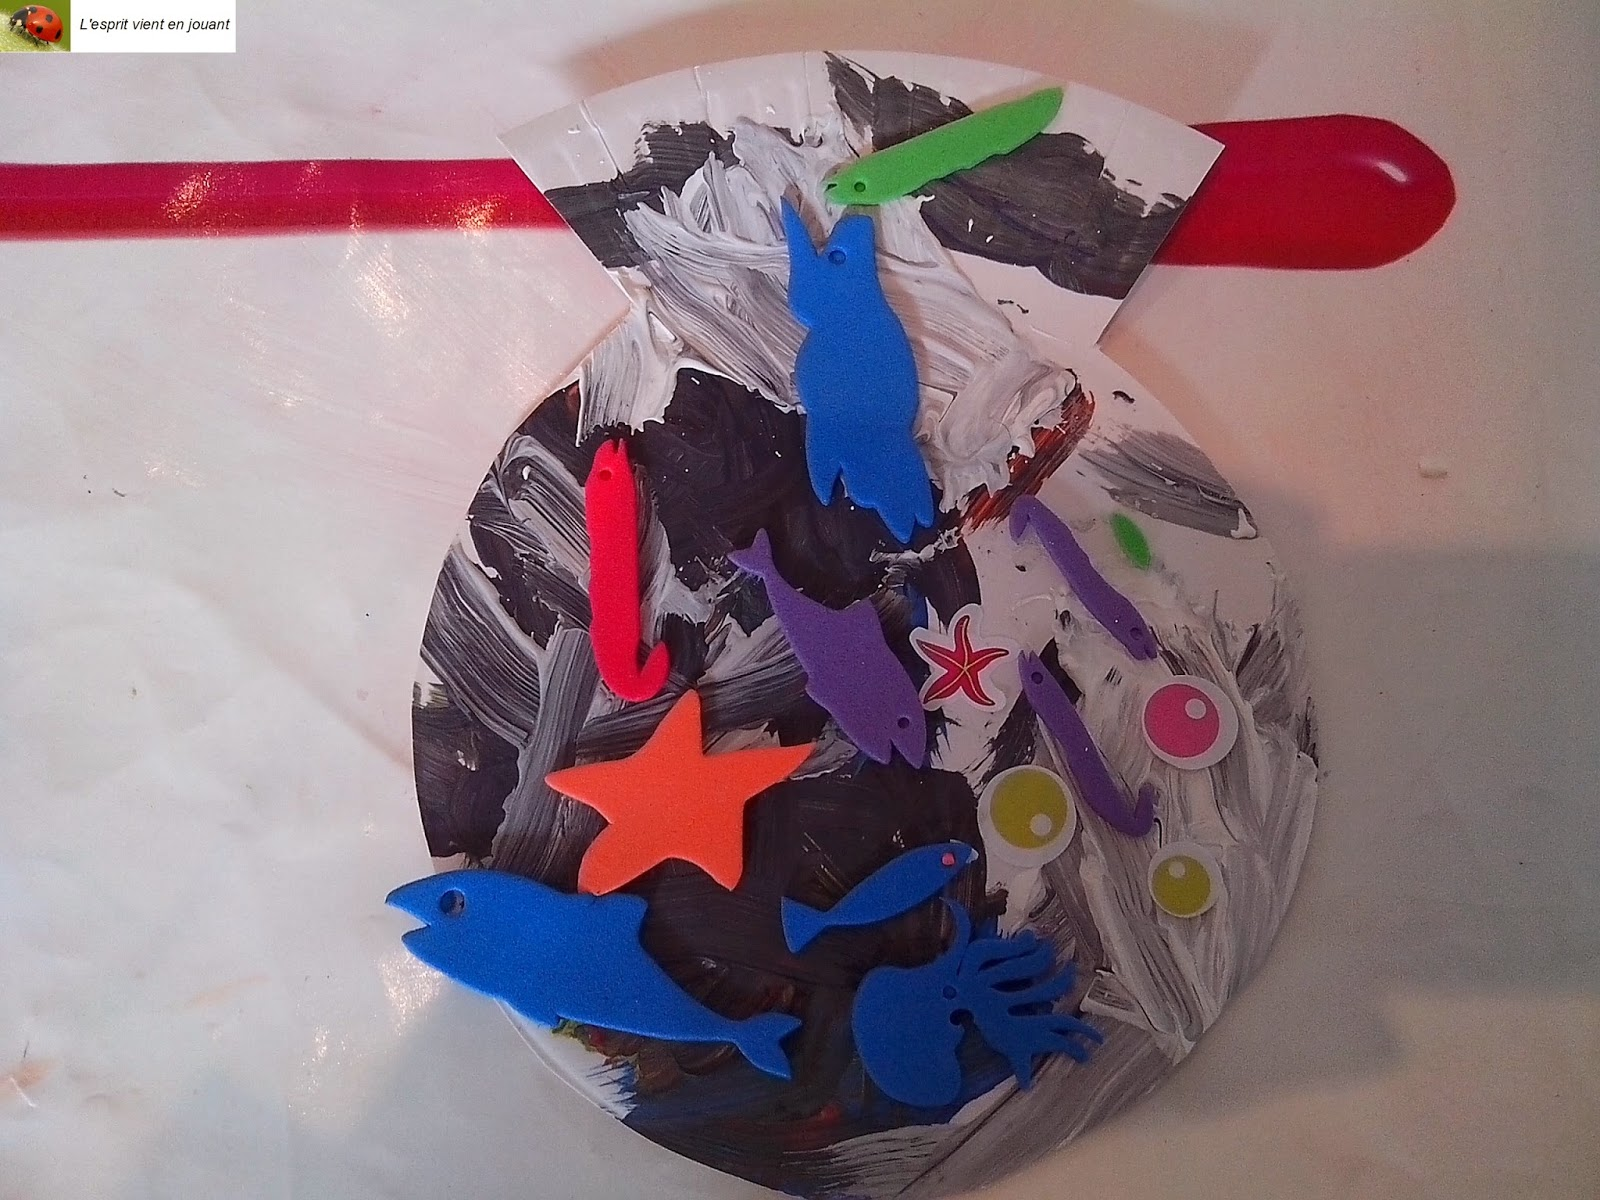 L 39 esprit vient en jouant activit enfants bocal for Bocal plastique poisson